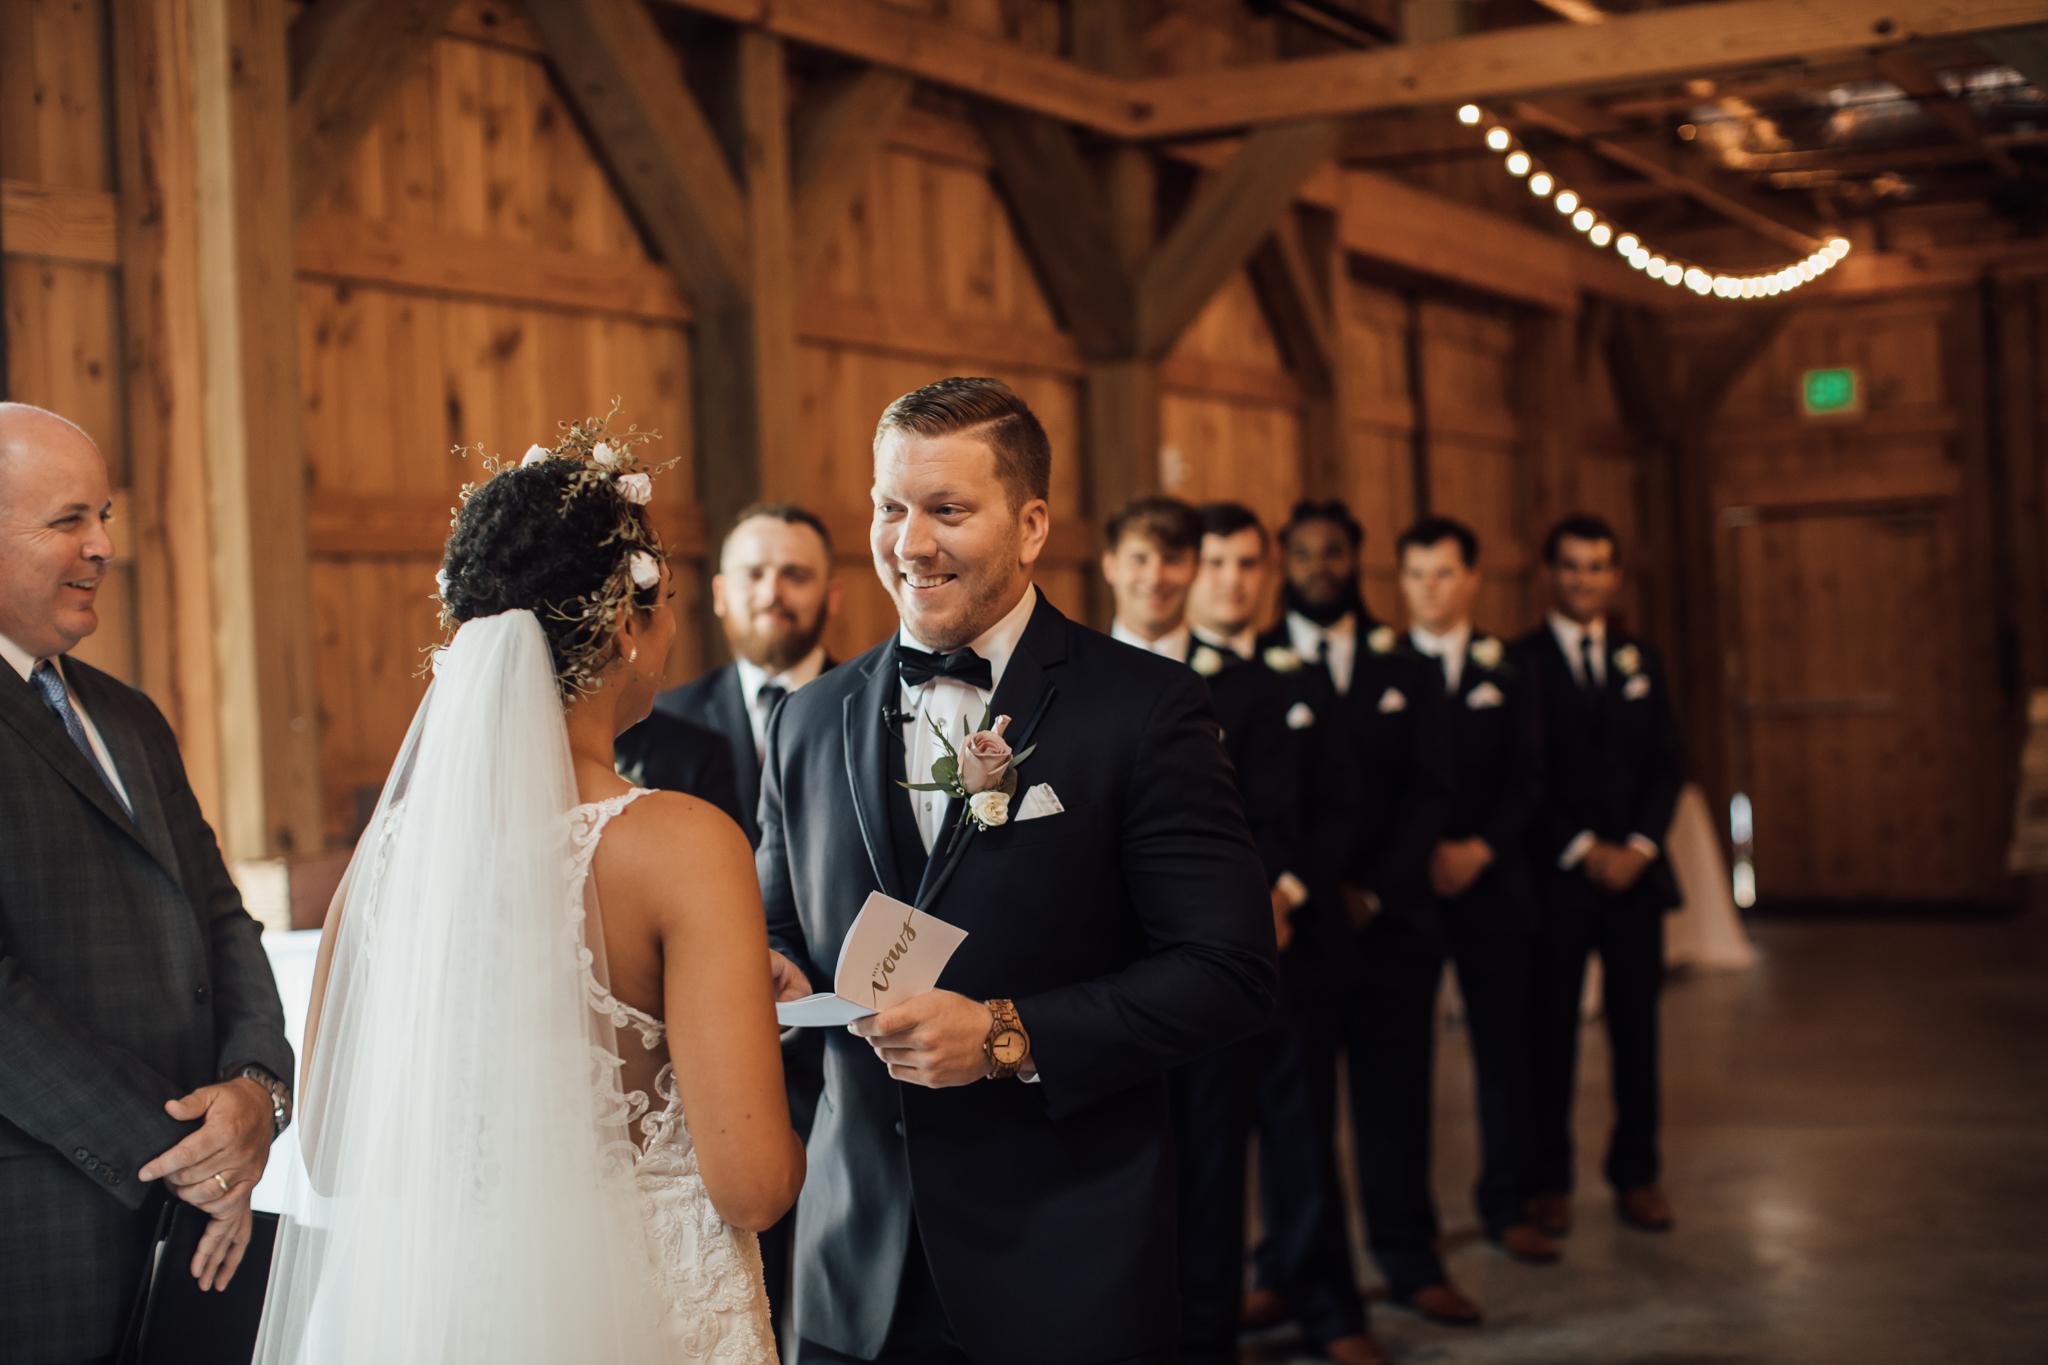 saddlewoodsfarms-nashville-wedding-photographer-thewarmtharoundyou-rustic-wedding (26 of 251).jpg